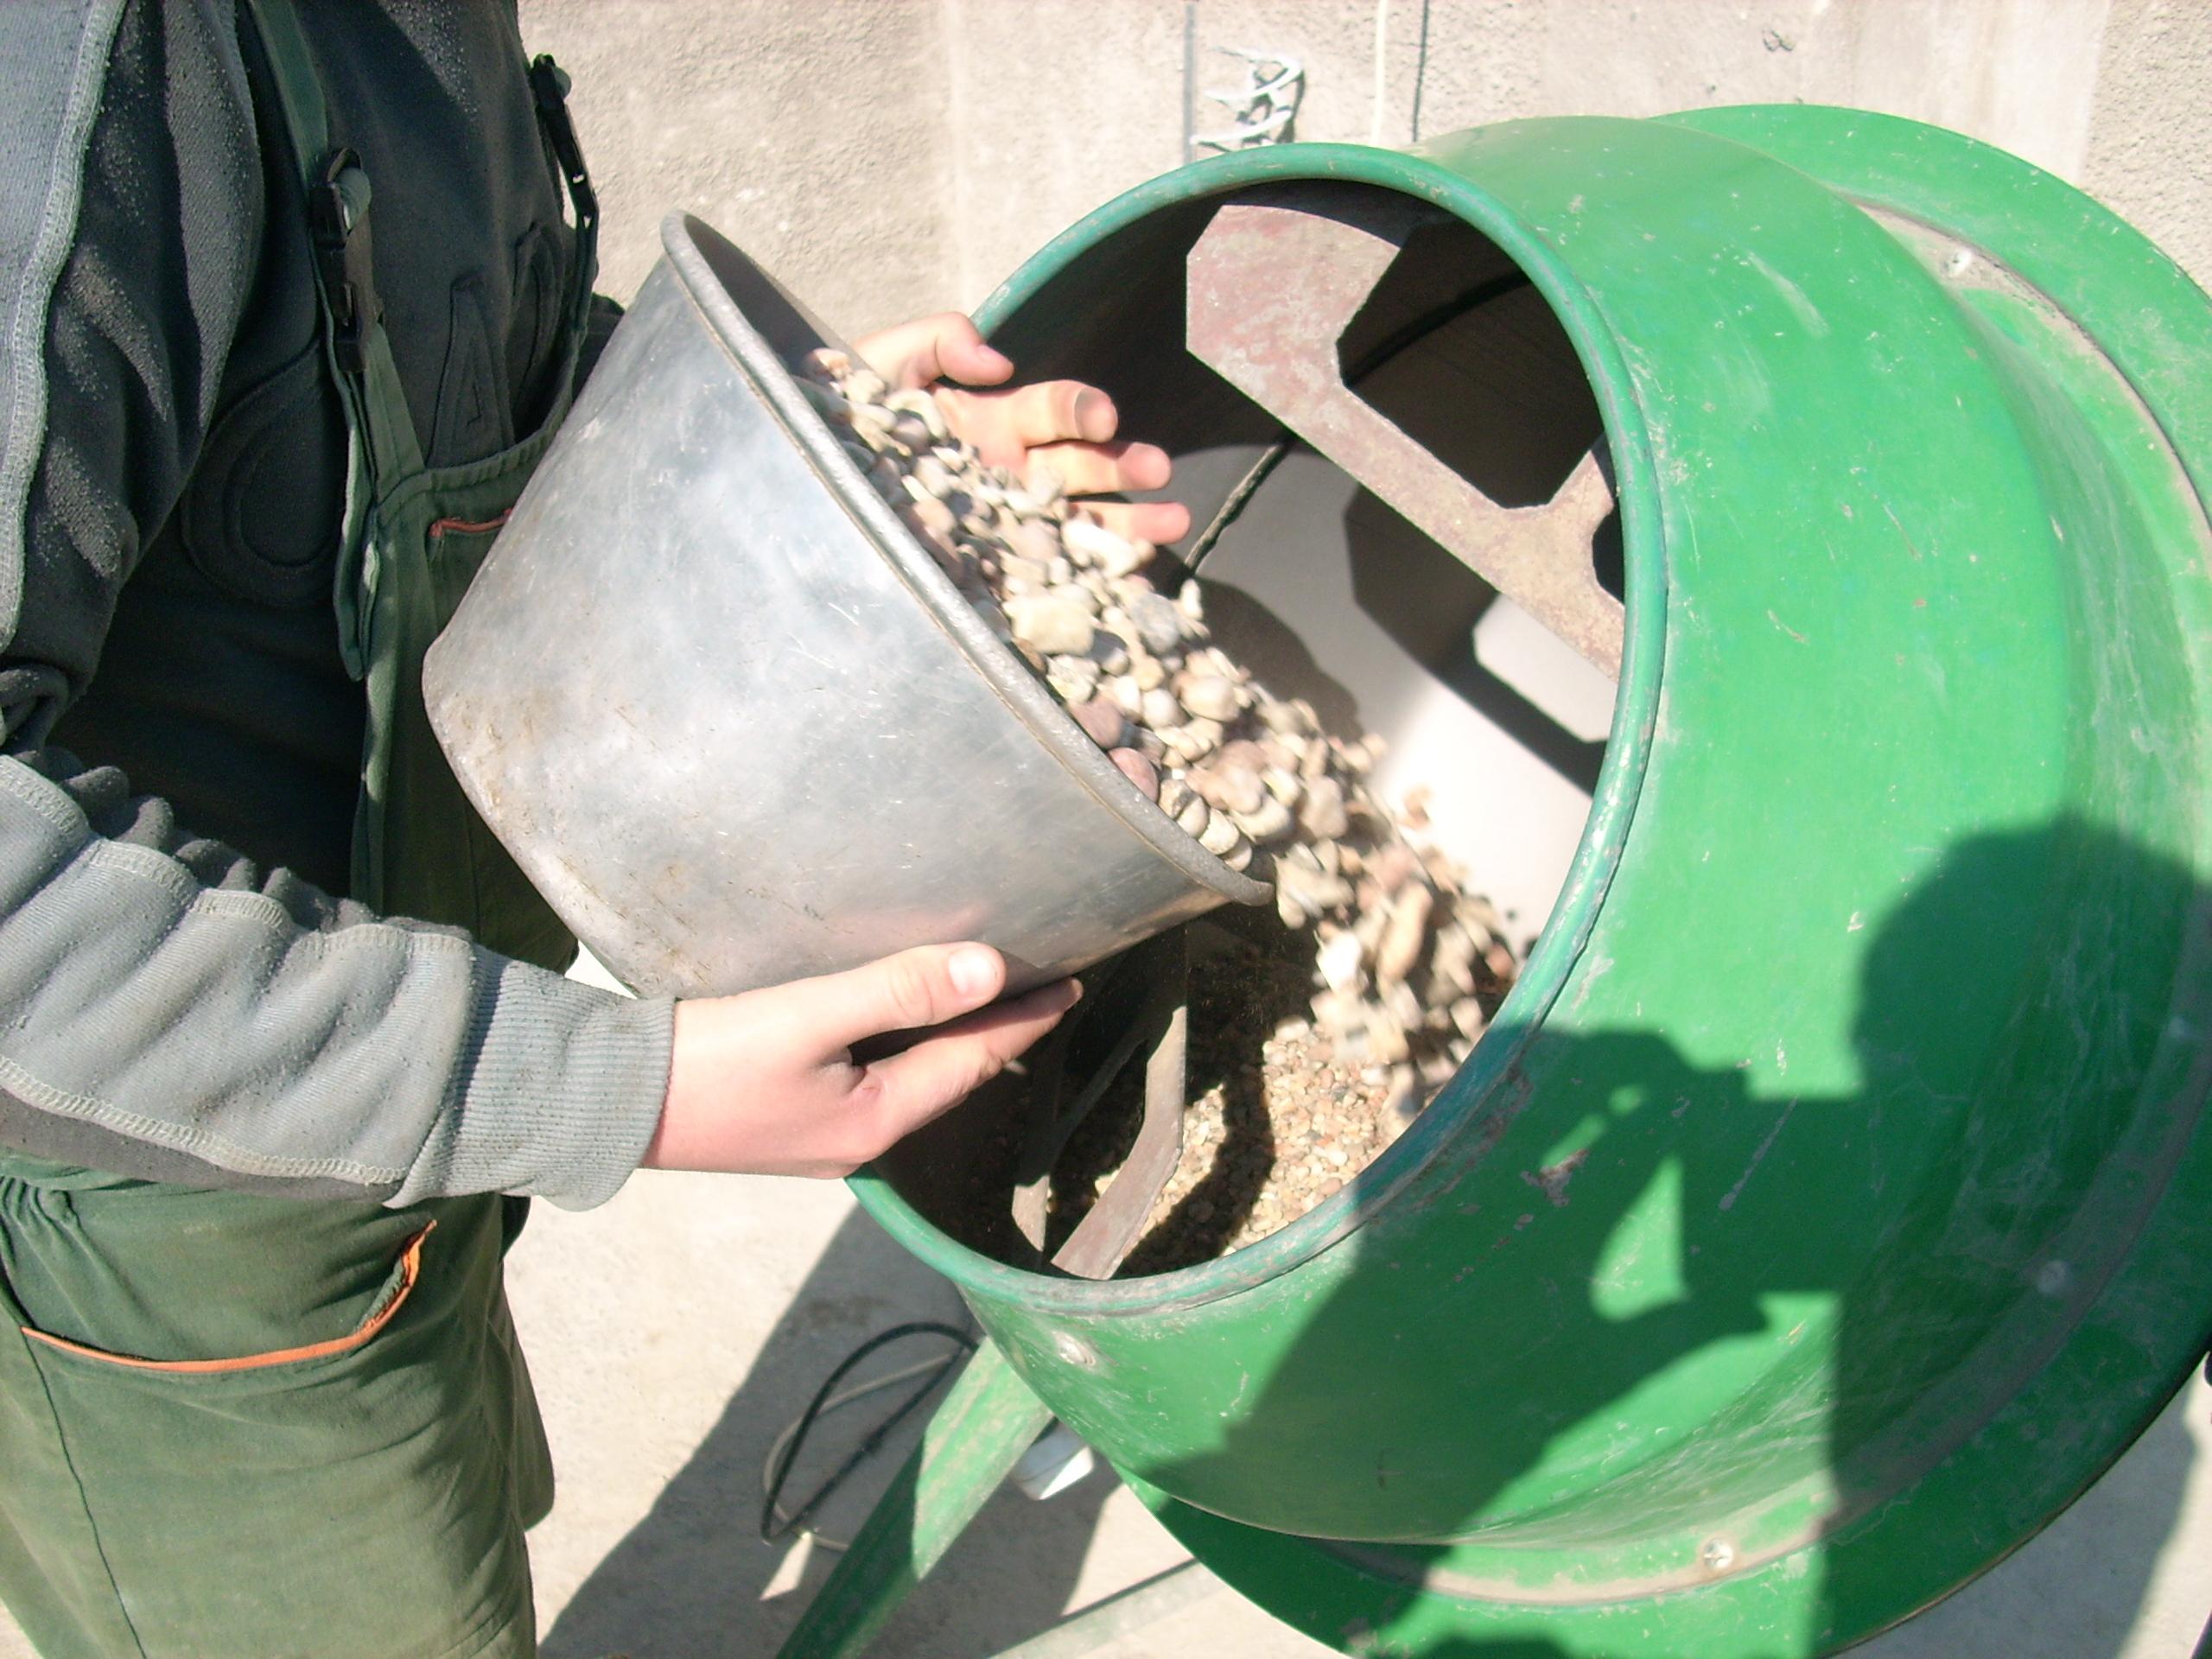 Prepararea betonului hidroizolat in toata masa UNICO PROFIT - Poza 19